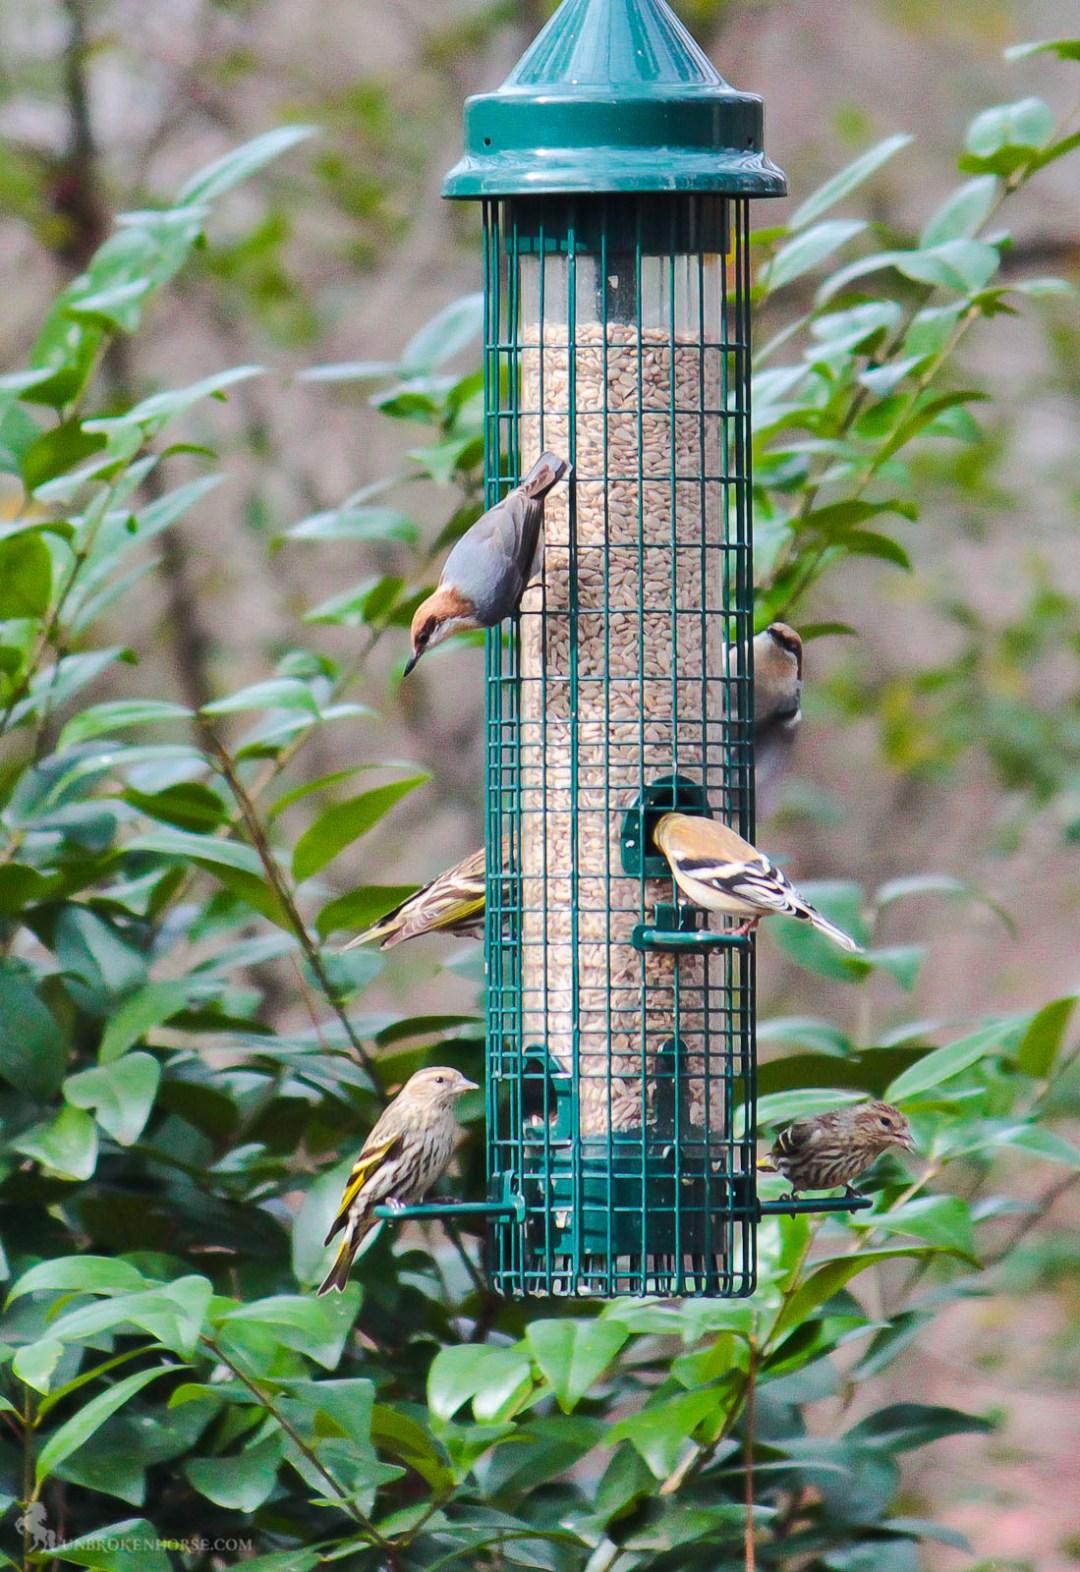 I mix of birds are enjoying the feeder.